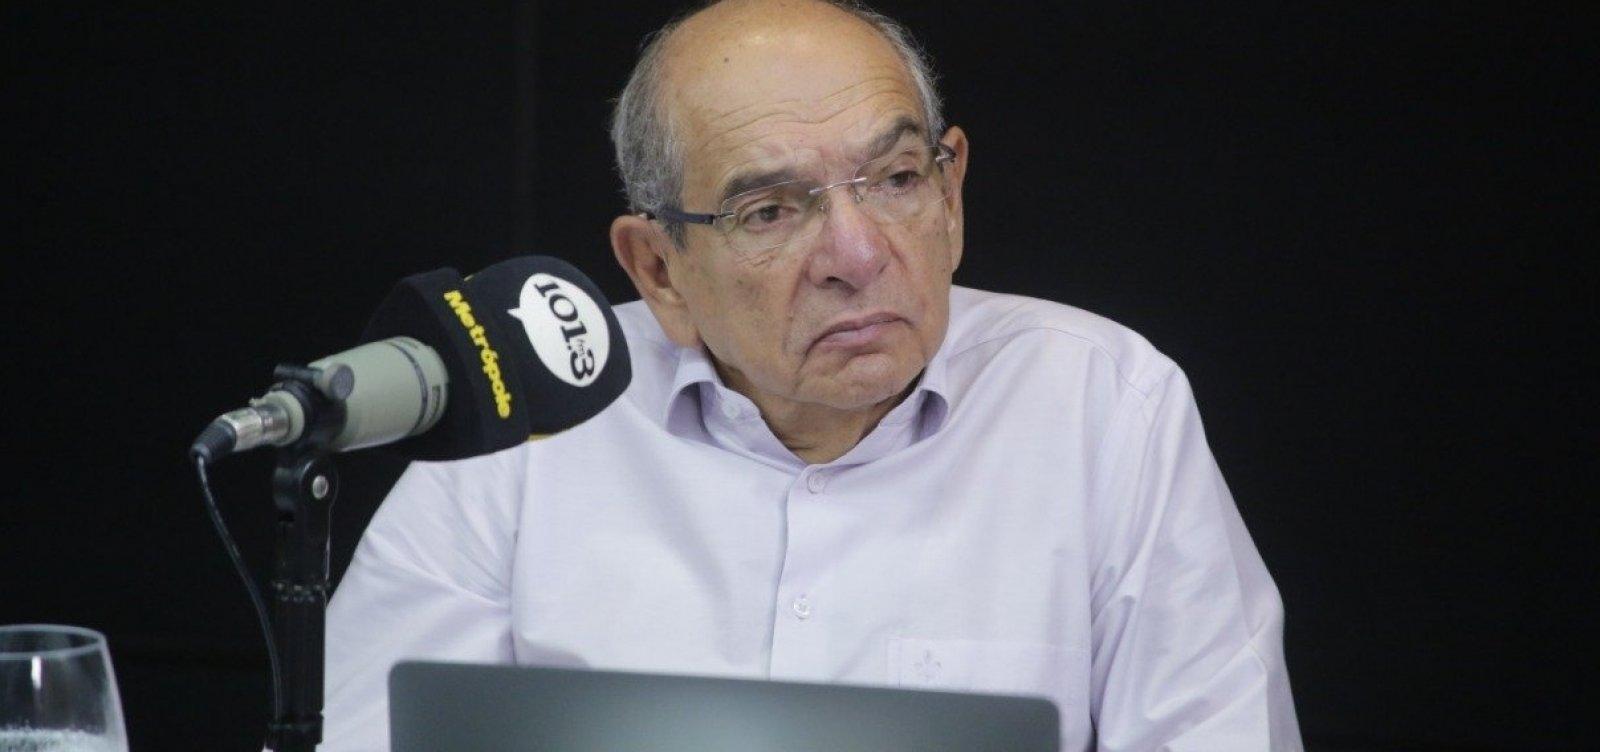 ['O que o Brasil fez pra merecer isso?', questiona MK sobre postura do governo na pandemia; ouça]